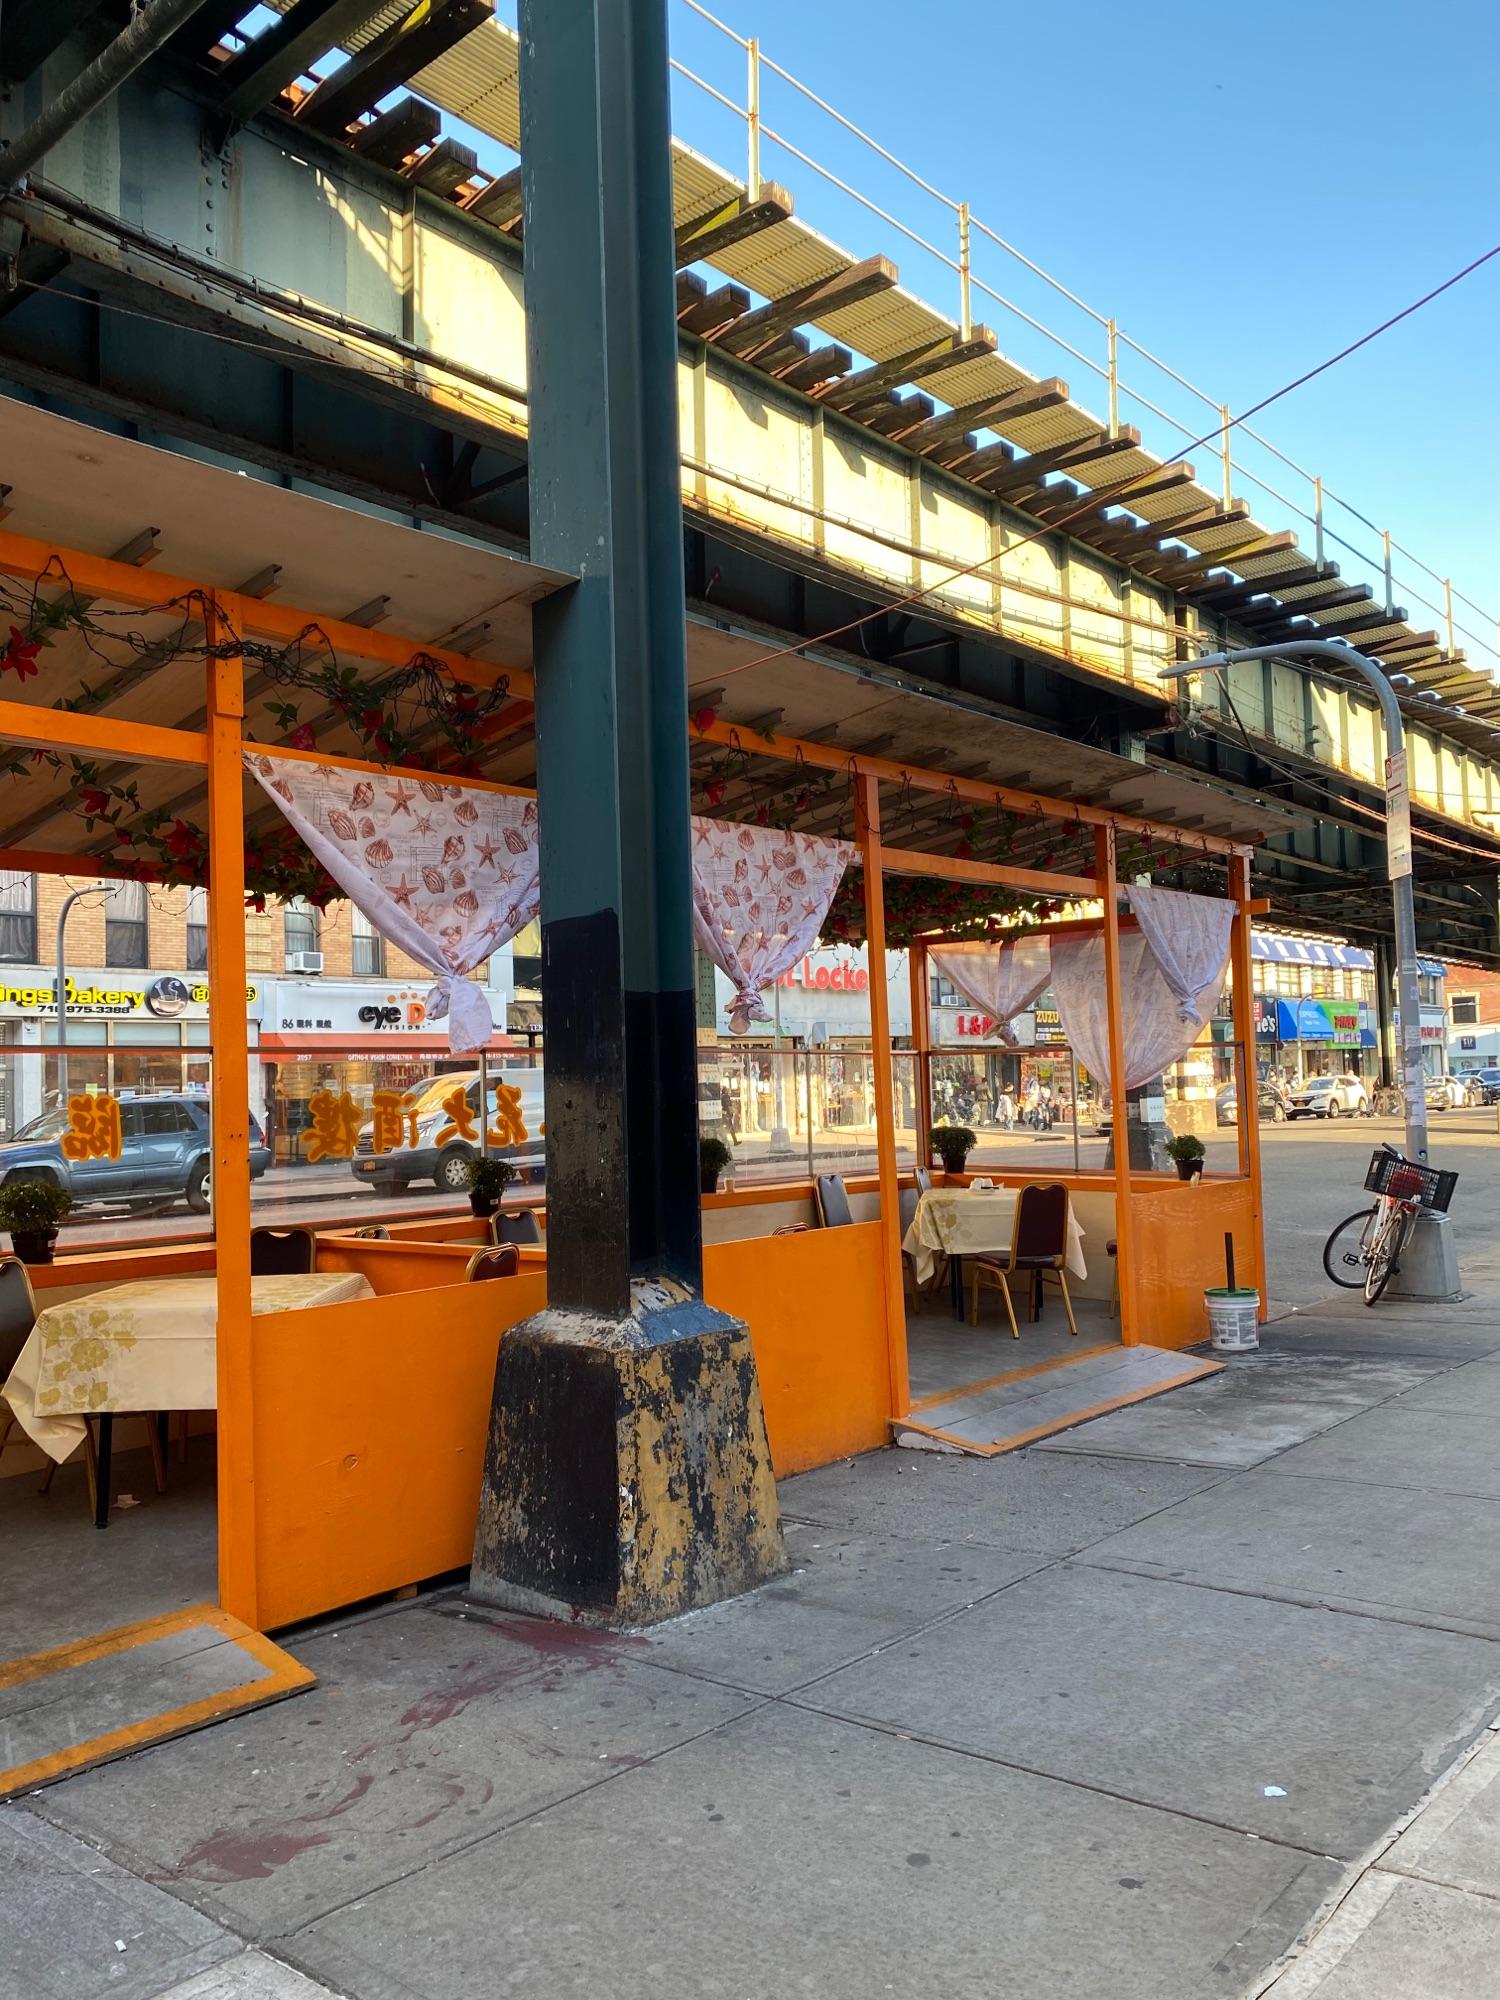 Выносные столики от ресторана на улице под трейном.На проезжей части.